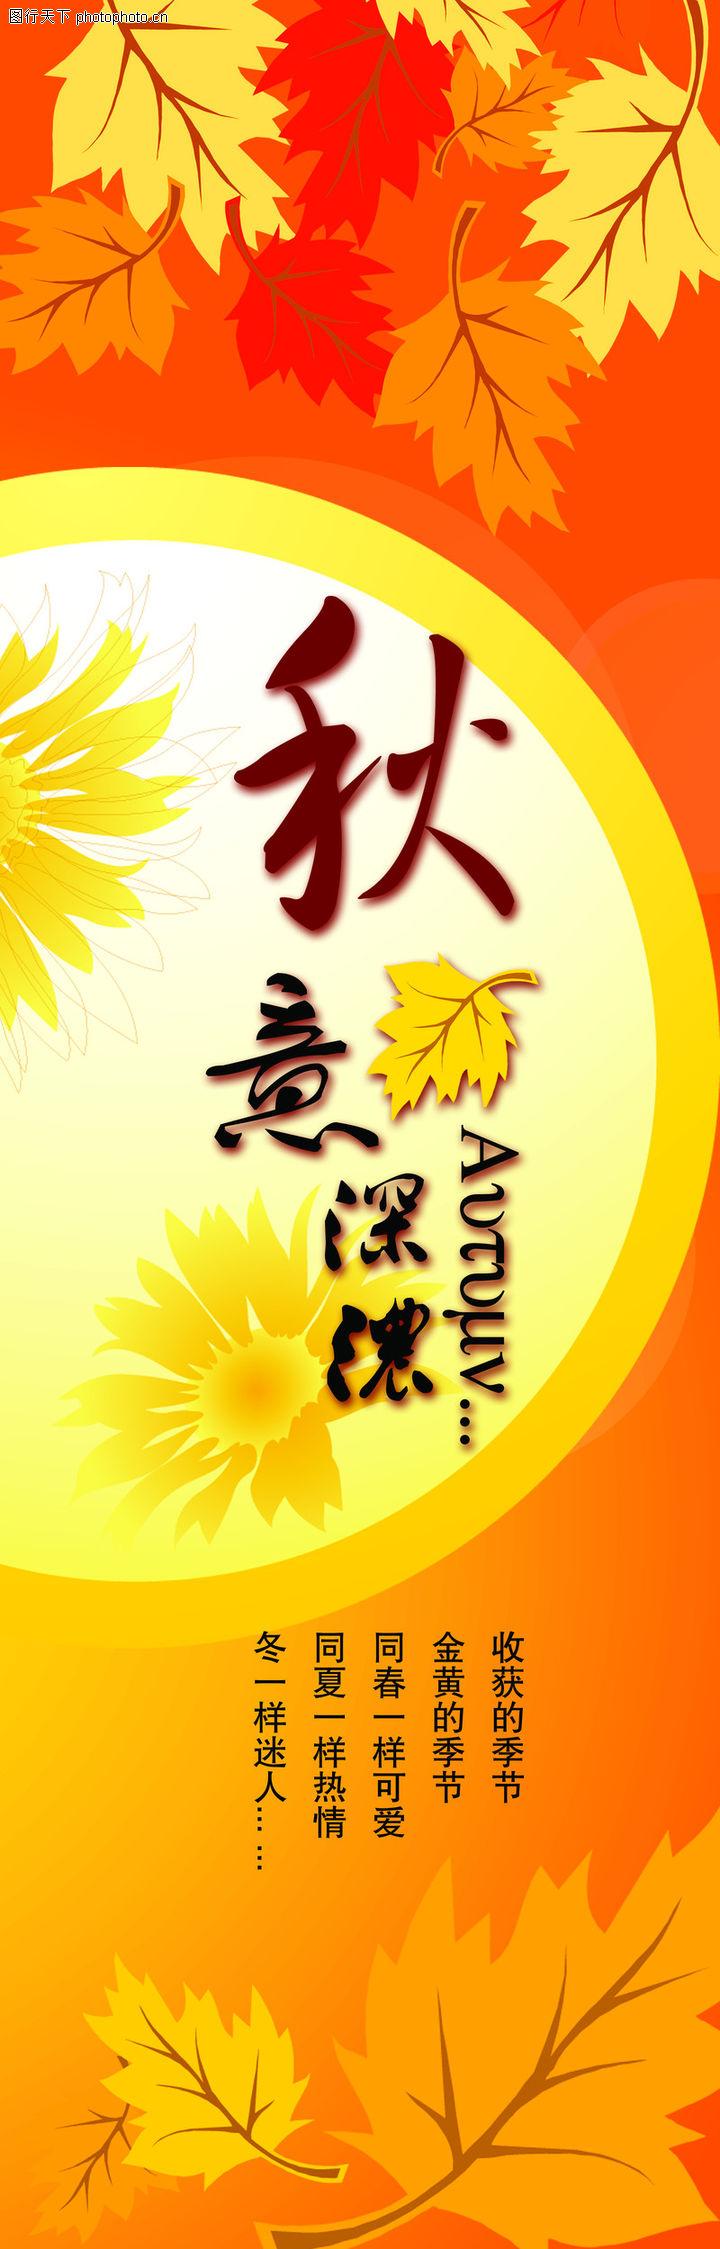 周年庆典,节日喜庆,周年庆典0083